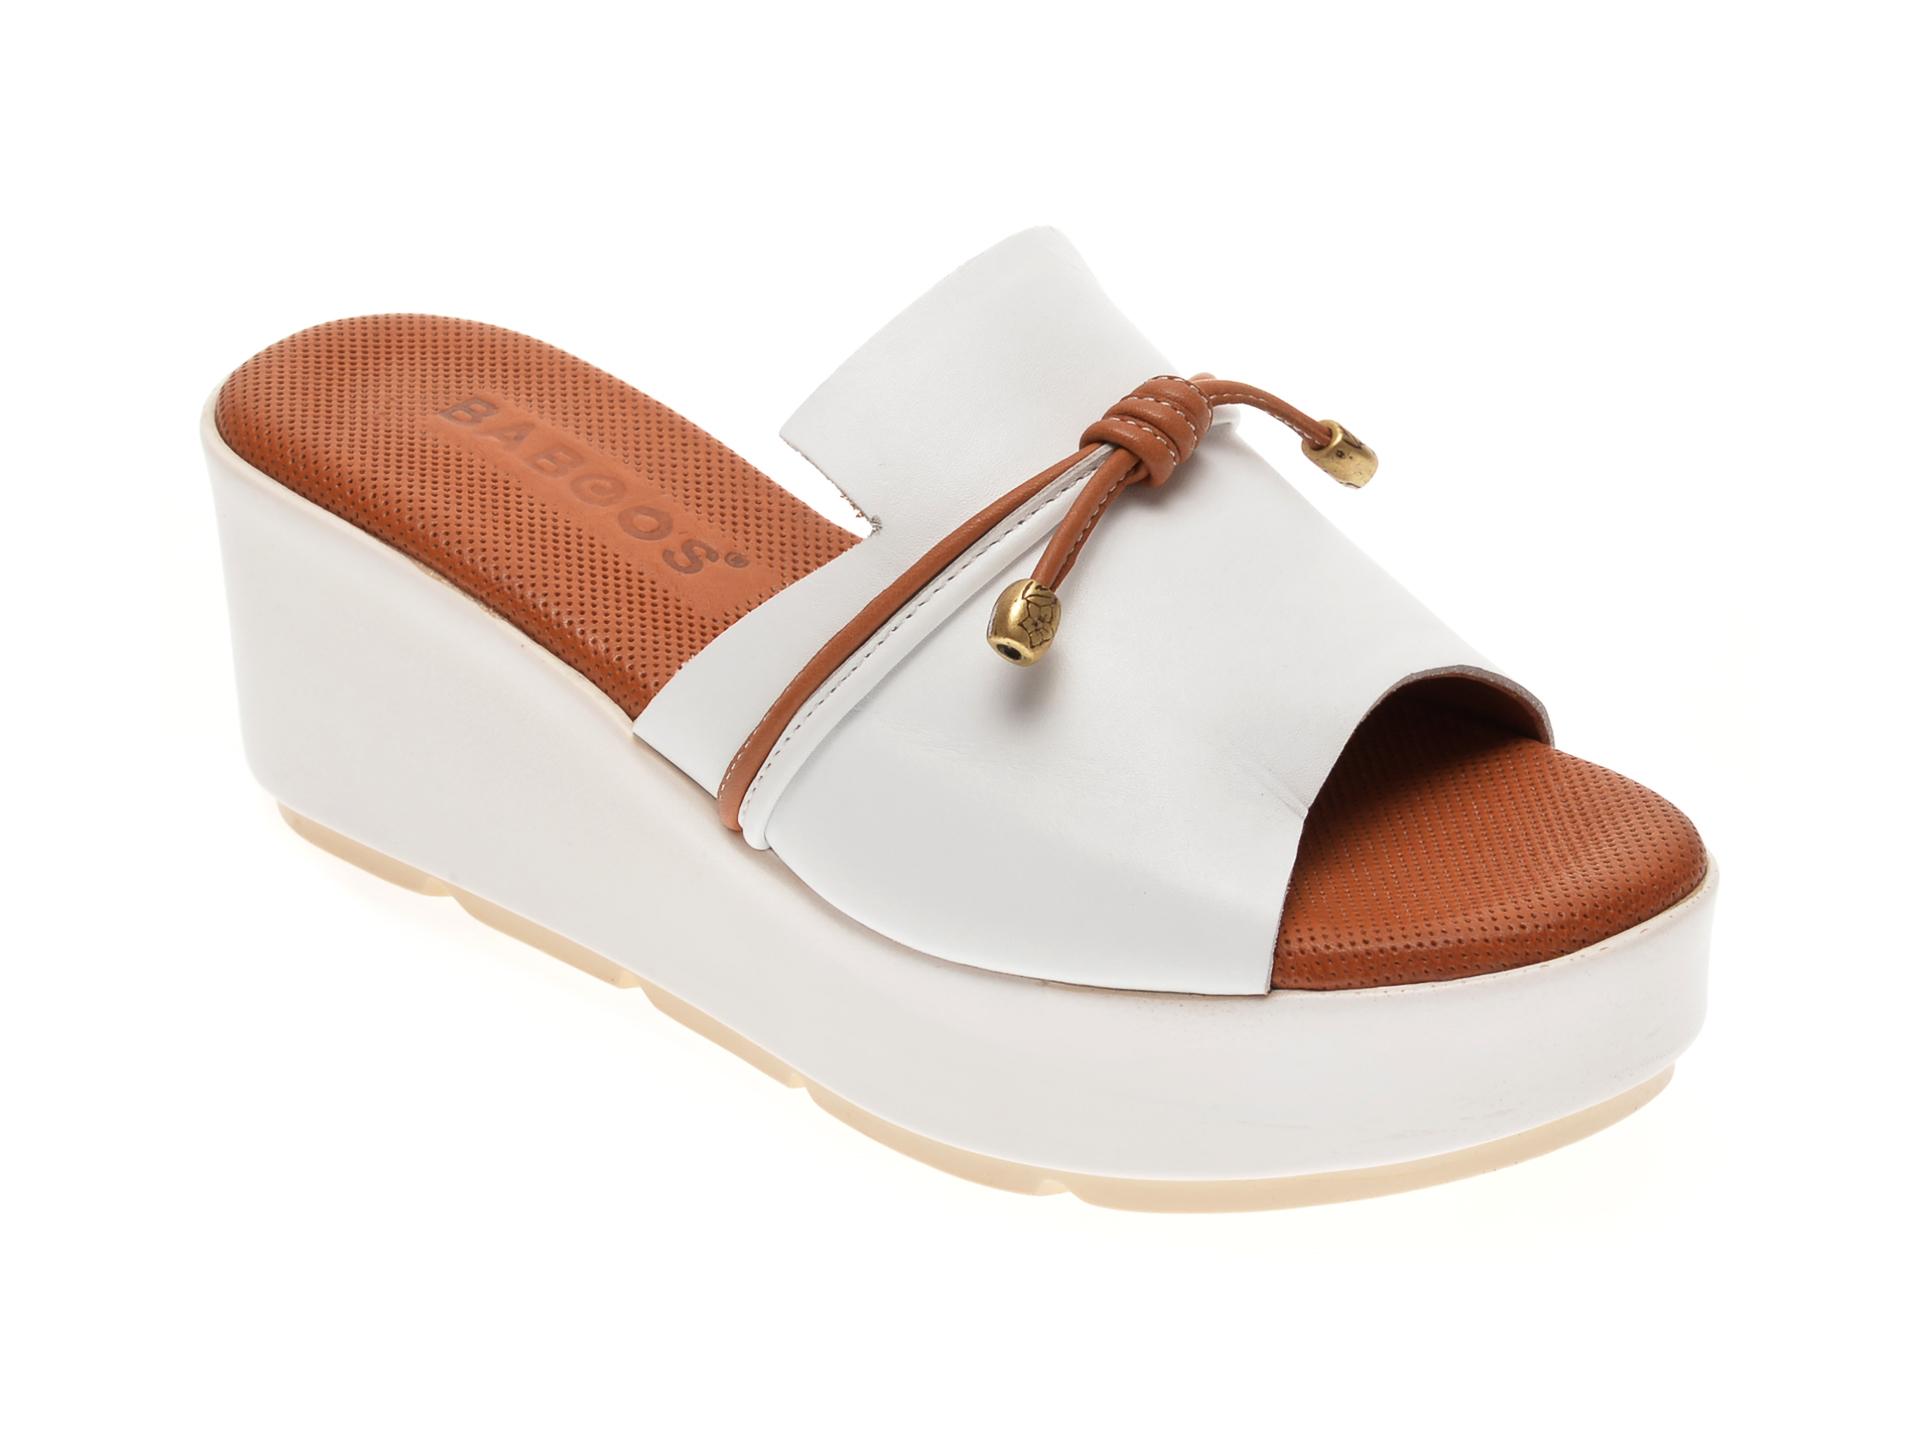 Papuci BABOOS albi, 2516, din piele intoarsa imagine